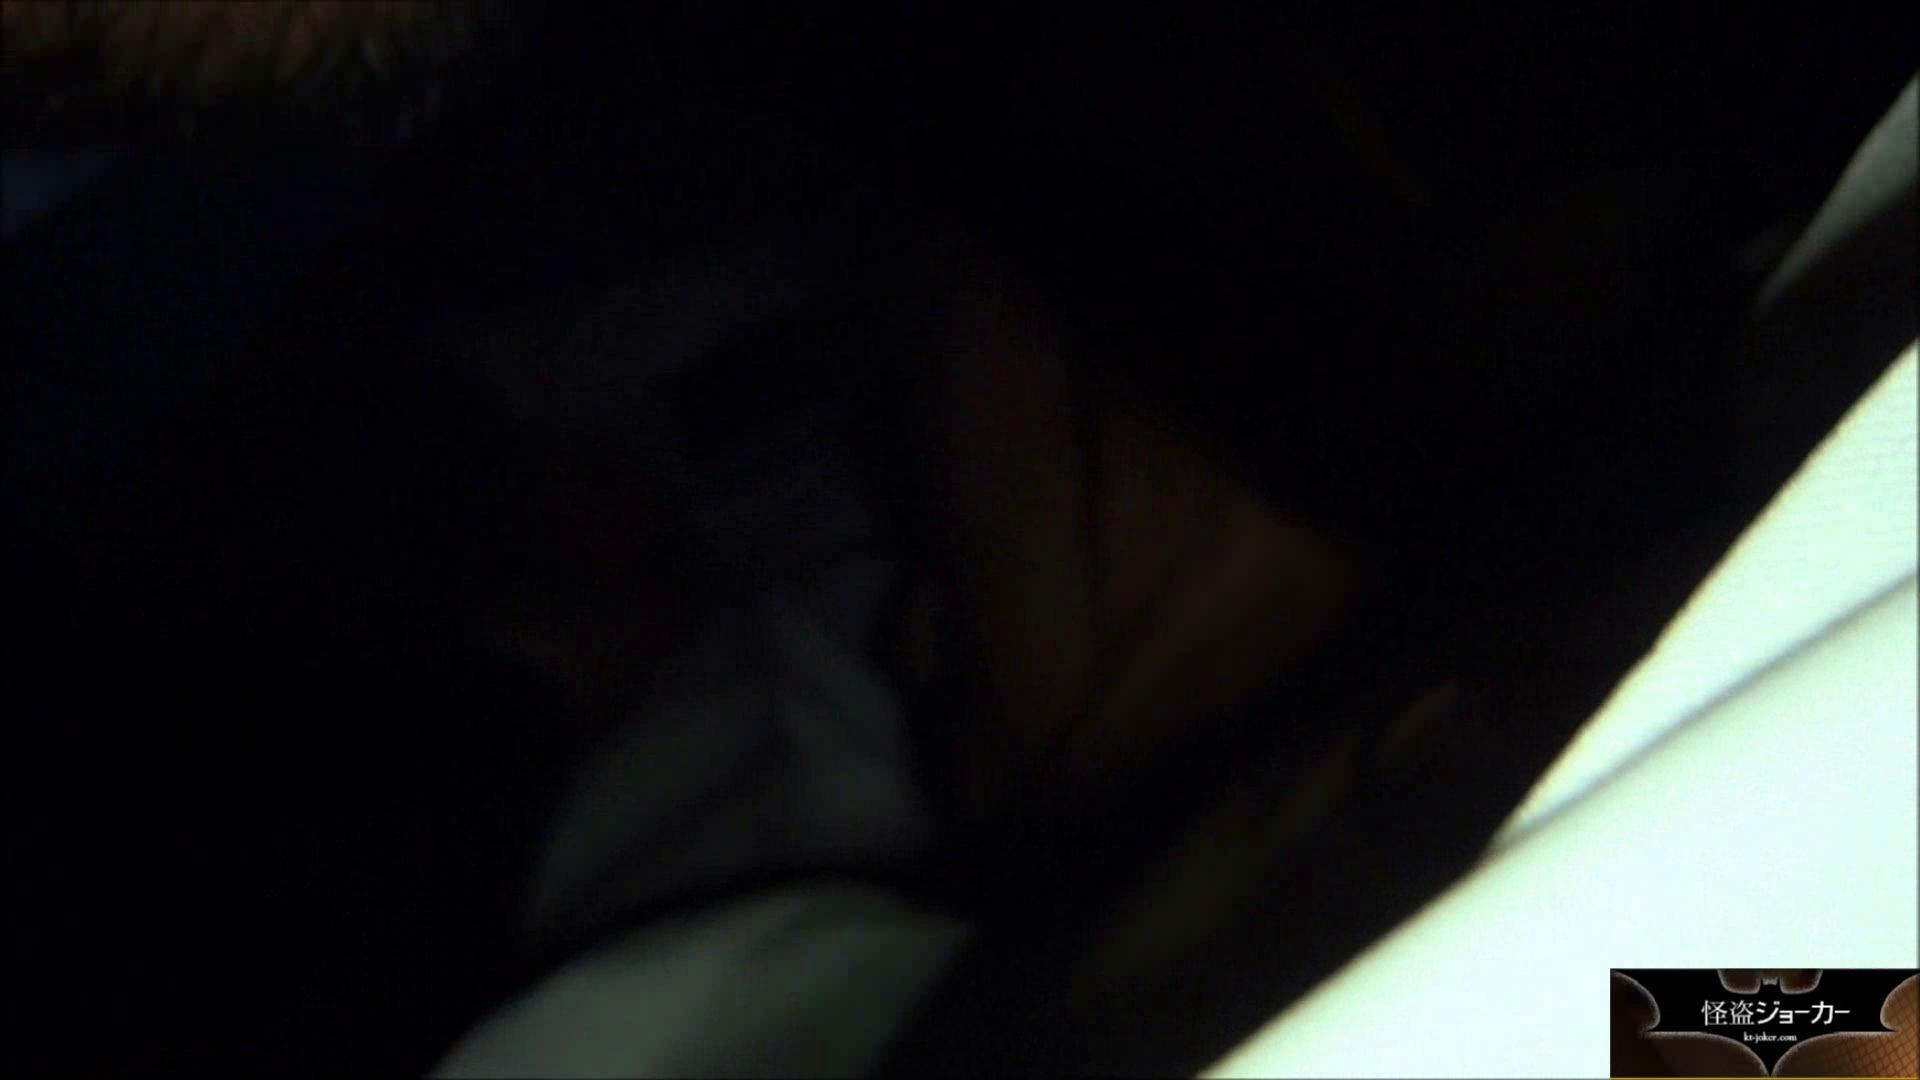 【未公開】vol.40 【レイカの後輩】伊吹ちゃん*撮影と言って呼び出して・・・ フェチ エロ画像 72連発 11